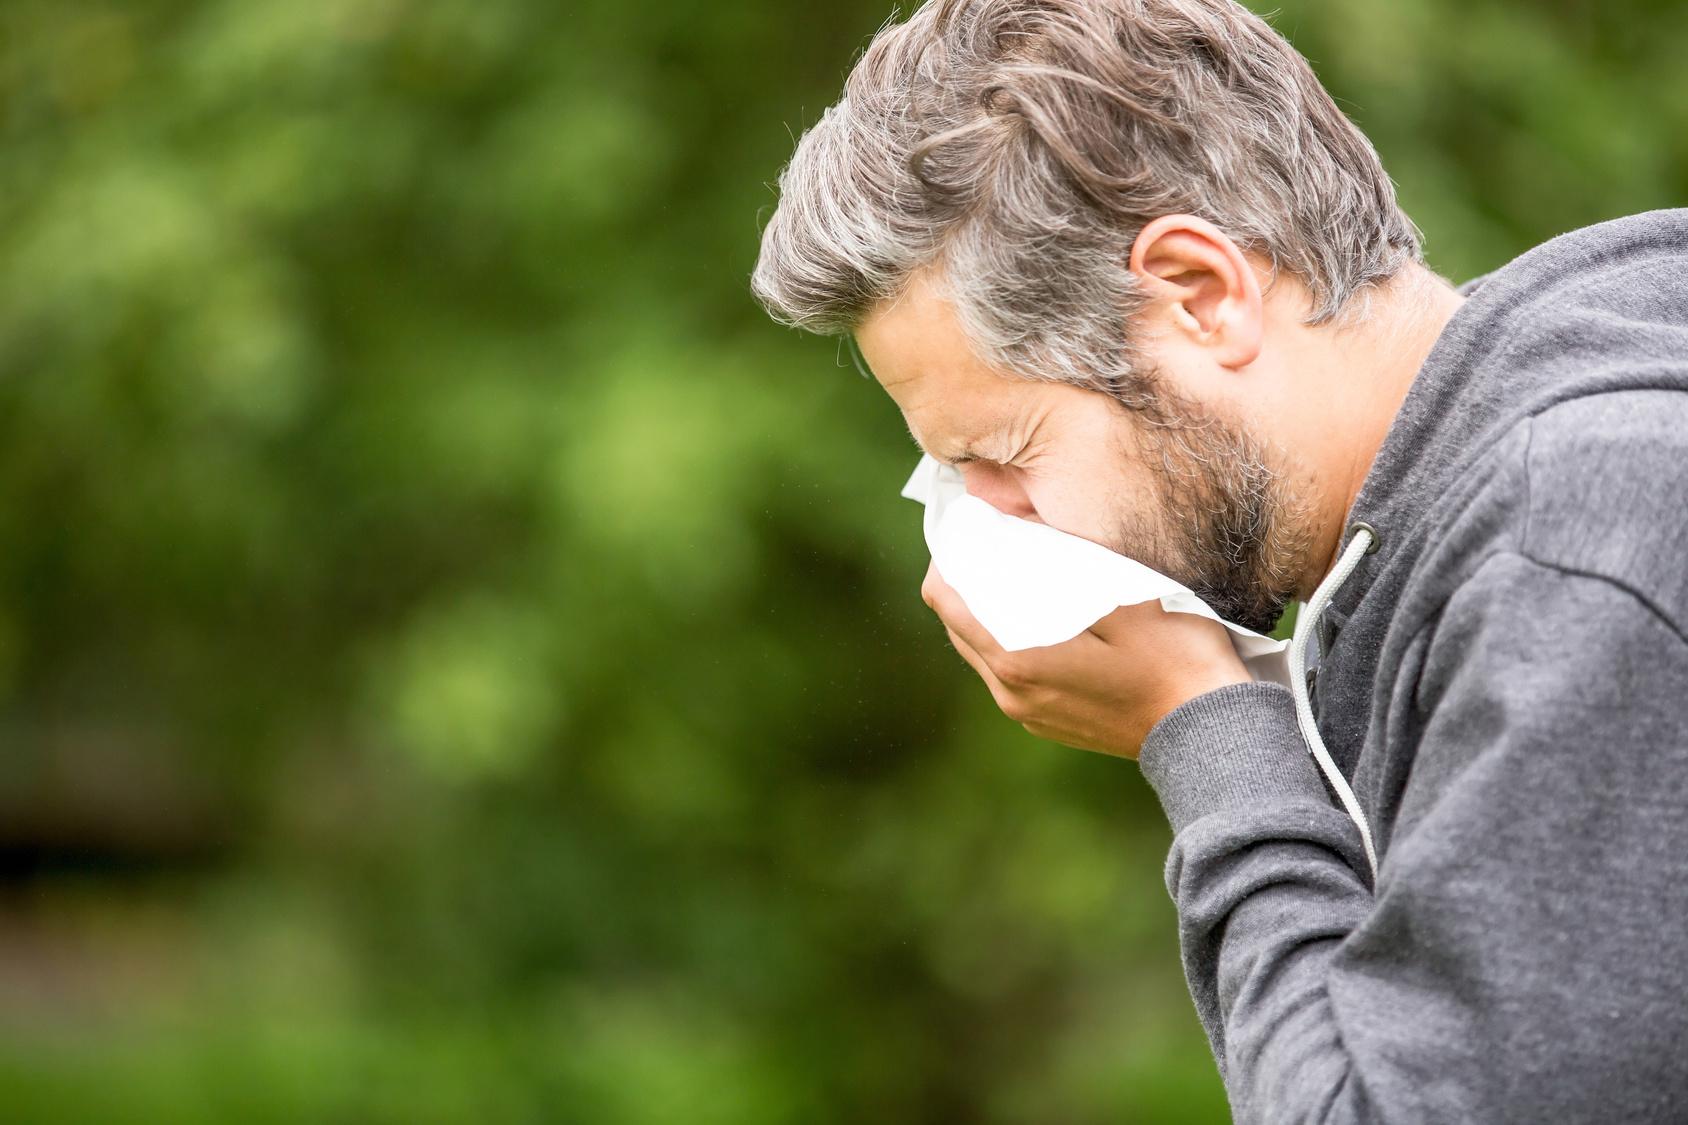 Mann mit Allergie und Heuschnupfen beim Niesen in ein Taschentuch